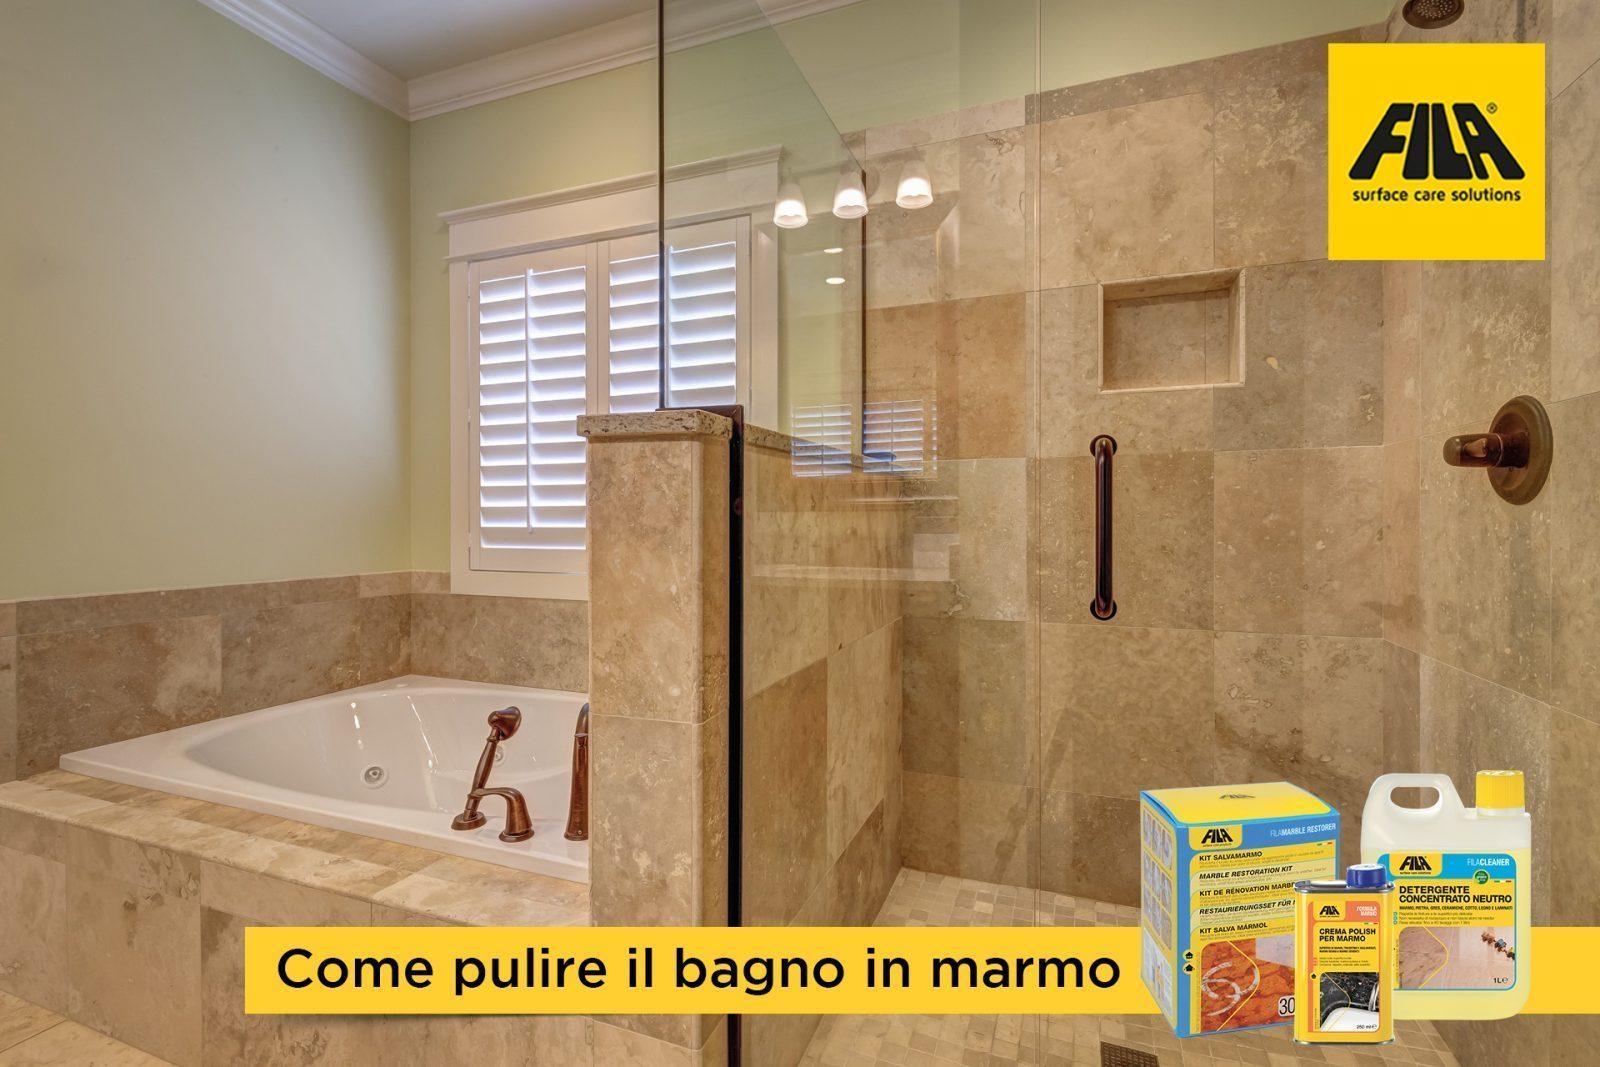 Bagno in marmo: come pulirlo e proteggerlo dalle macchie